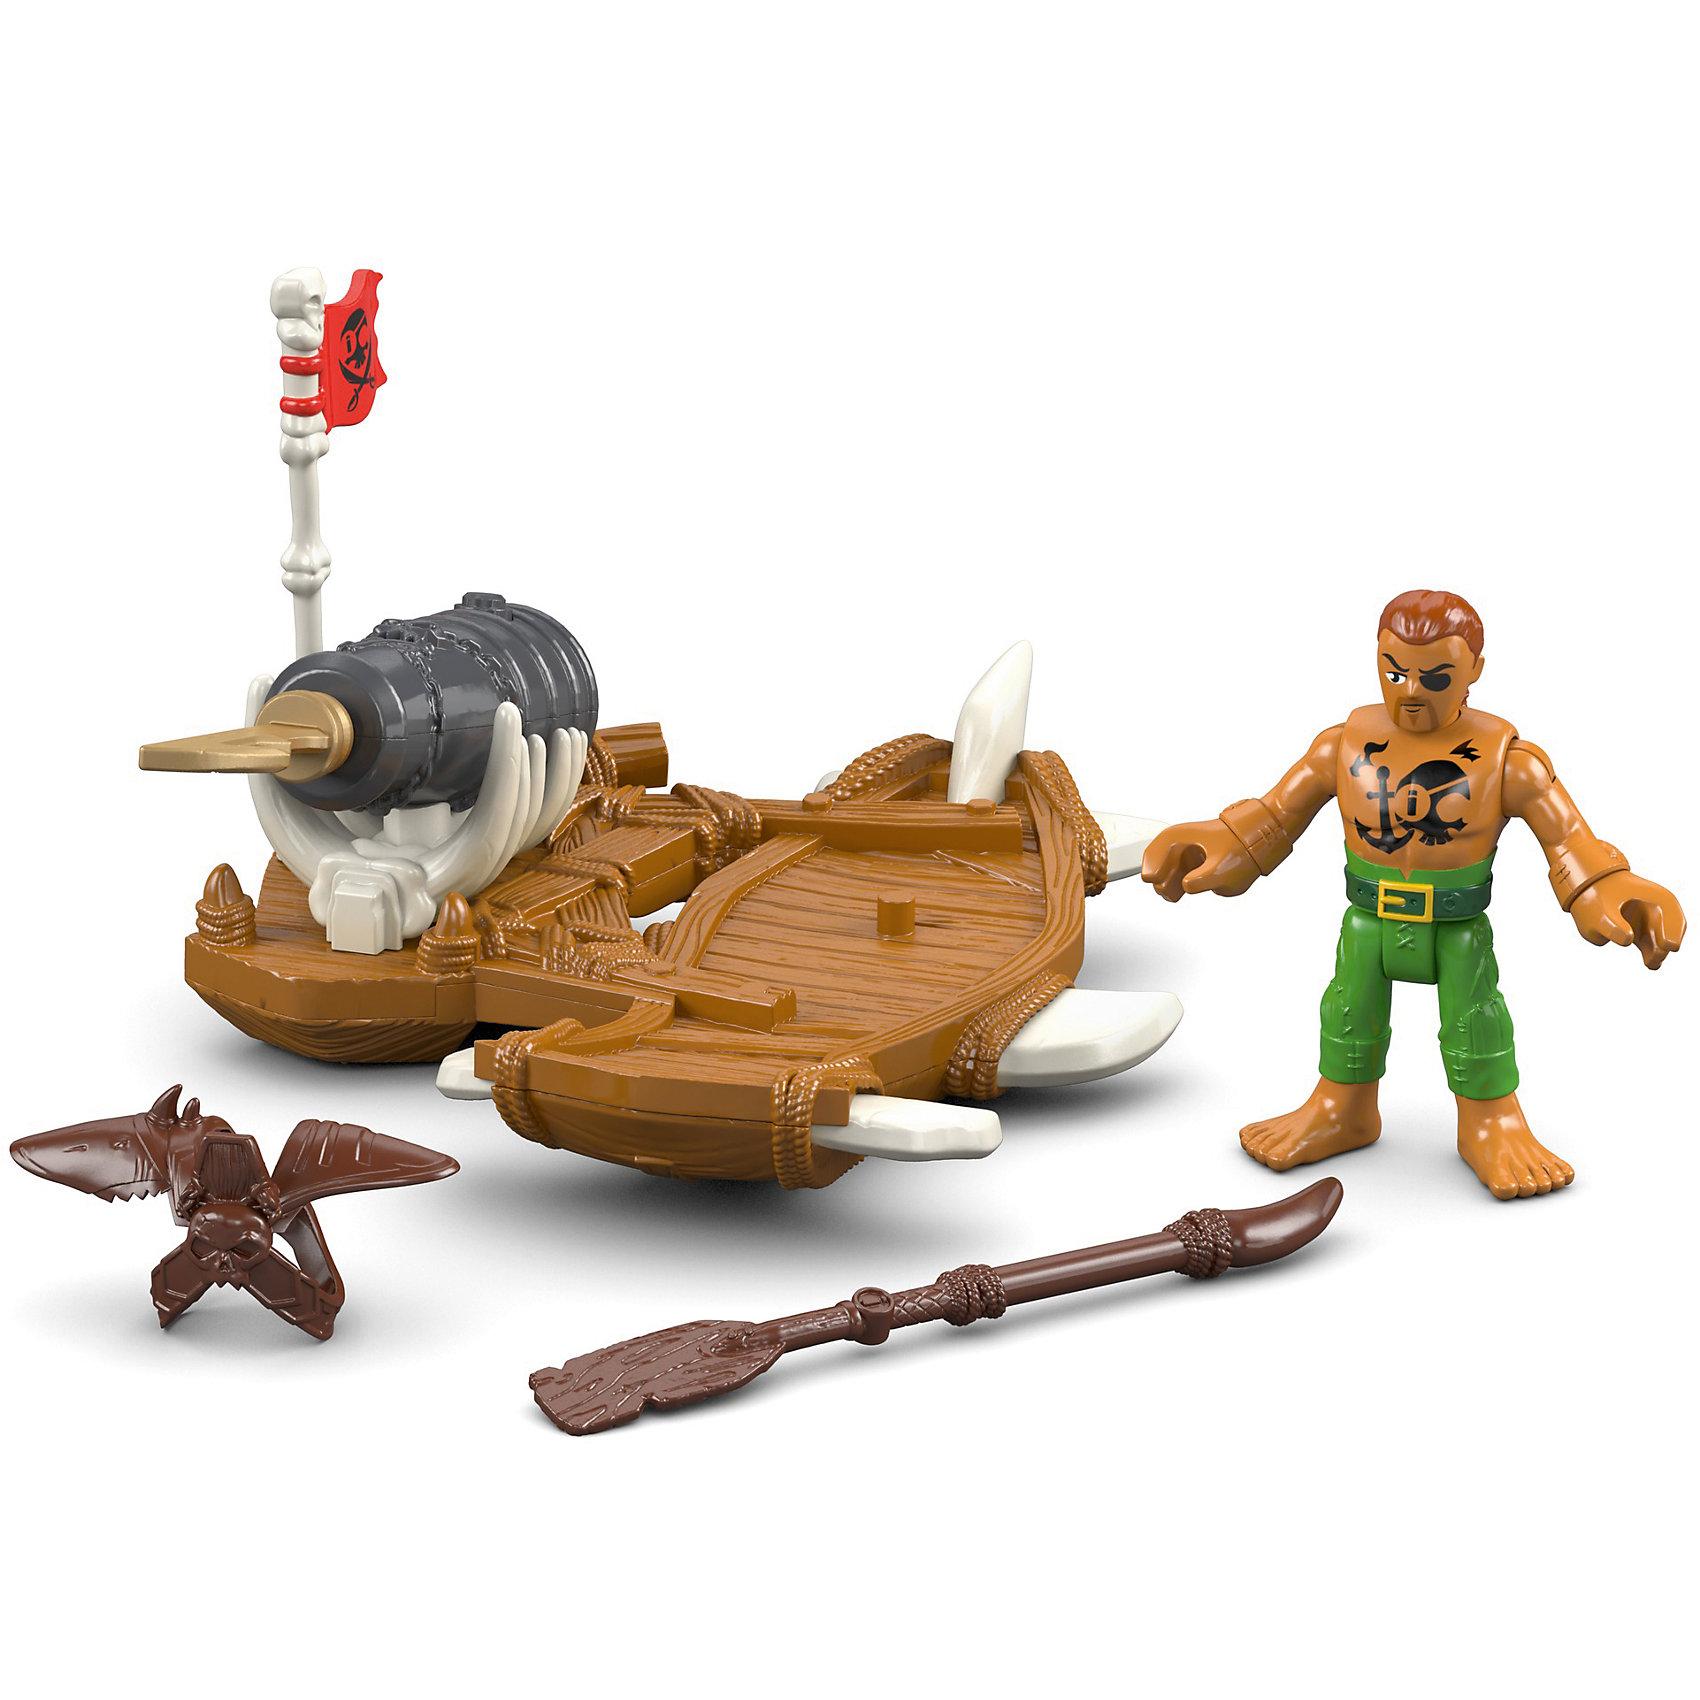 Базовая фигурка пирата Captain Kid &amp; Surf Board, Imaginext, Fisher PriceЛюбимые герои<br>Характеристики товара:<br><br>• возраст: от 3 лет;<br>• материал: пластик;<br>• в комплекте: фигурка, аксессуары;<br>• размер упаковки: 16х19х6,5 см;<br>• вес упаковки: 213 гр.;<br>• страна производитель: Китай.<br><br>Базовая фигурка пирата Captain Kid &amp; Surf Board Imaginext Fisher Price позволит детям устроить невероятные интересные игры про пиратов. В комплекте фигурка, у которой подвижные руки и ноги. В руках у пирата оружие. Он плывет на доске, на которой стоит пушка. Игрушка выполнена из качественного безопасного пластика.<br><br>Базовую фигурку пирата Captain Kid &amp; Surf Board Imaginext Fisher Price можно приобрести в нашем интернет-магазине.<br><br>Ширина мм: 160<br>Глубина мм: 65<br>Высота мм: 190<br>Вес г: 213<br>Возраст от месяцев: 36<br>Возраст до месяцев: 96<br>Пол: Мужской<br>Возраст: Детский<br>SKU: 6771821